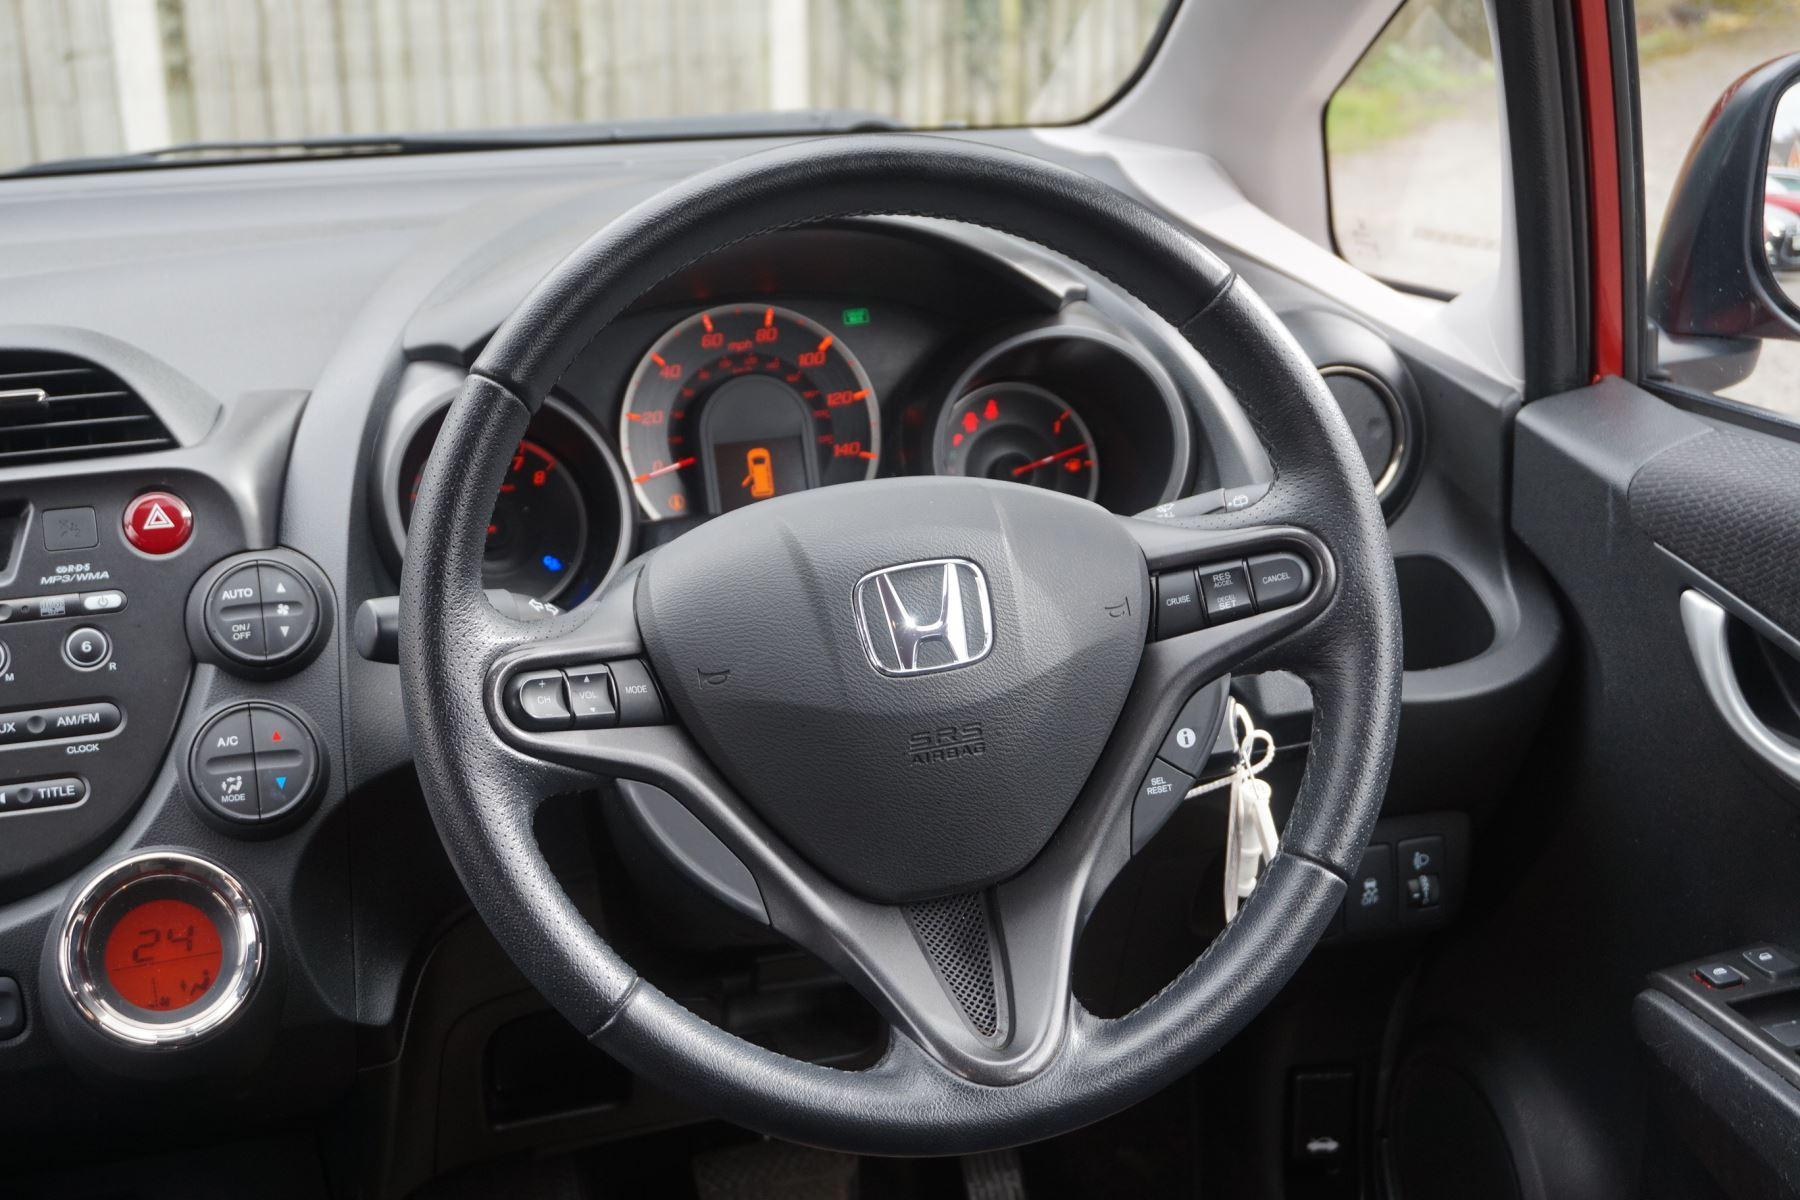 Honda Jazz 1.4 i-VTEC ES Plus CVT image 15